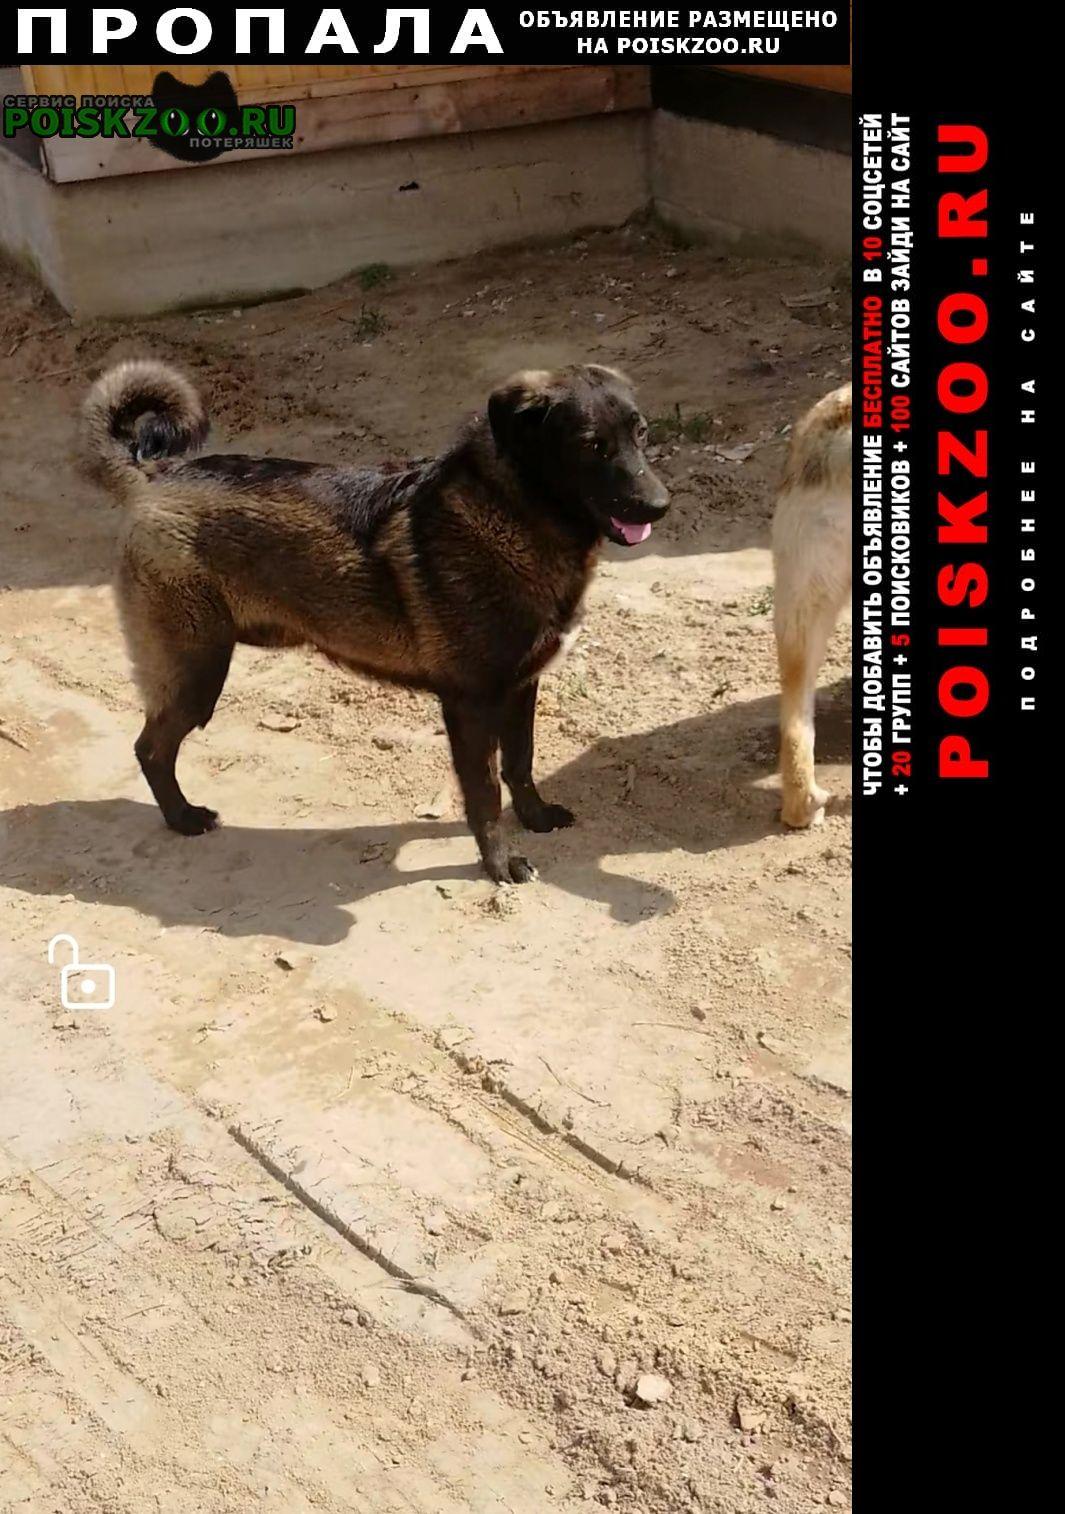 Пропала собака Раменское